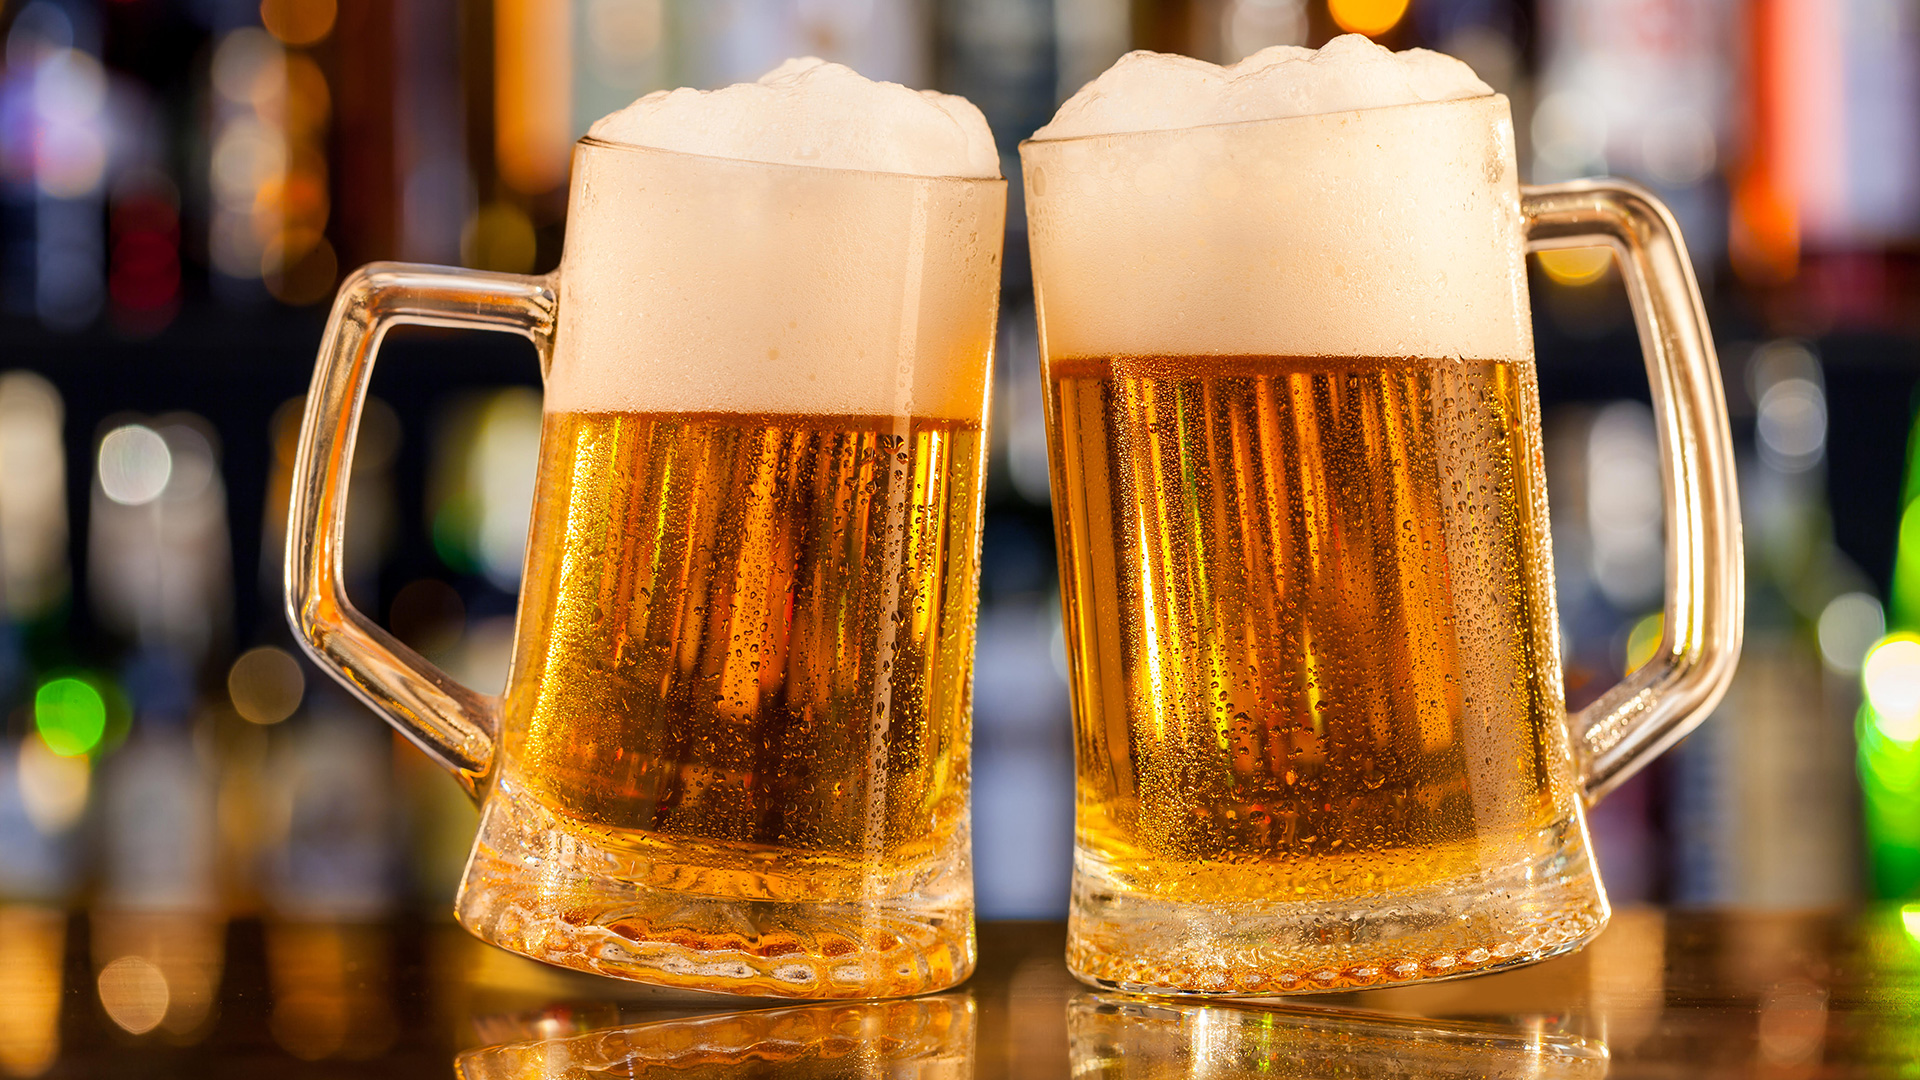 Image De Bière profitez de votre bière, son prix va fortement augmenter en raison